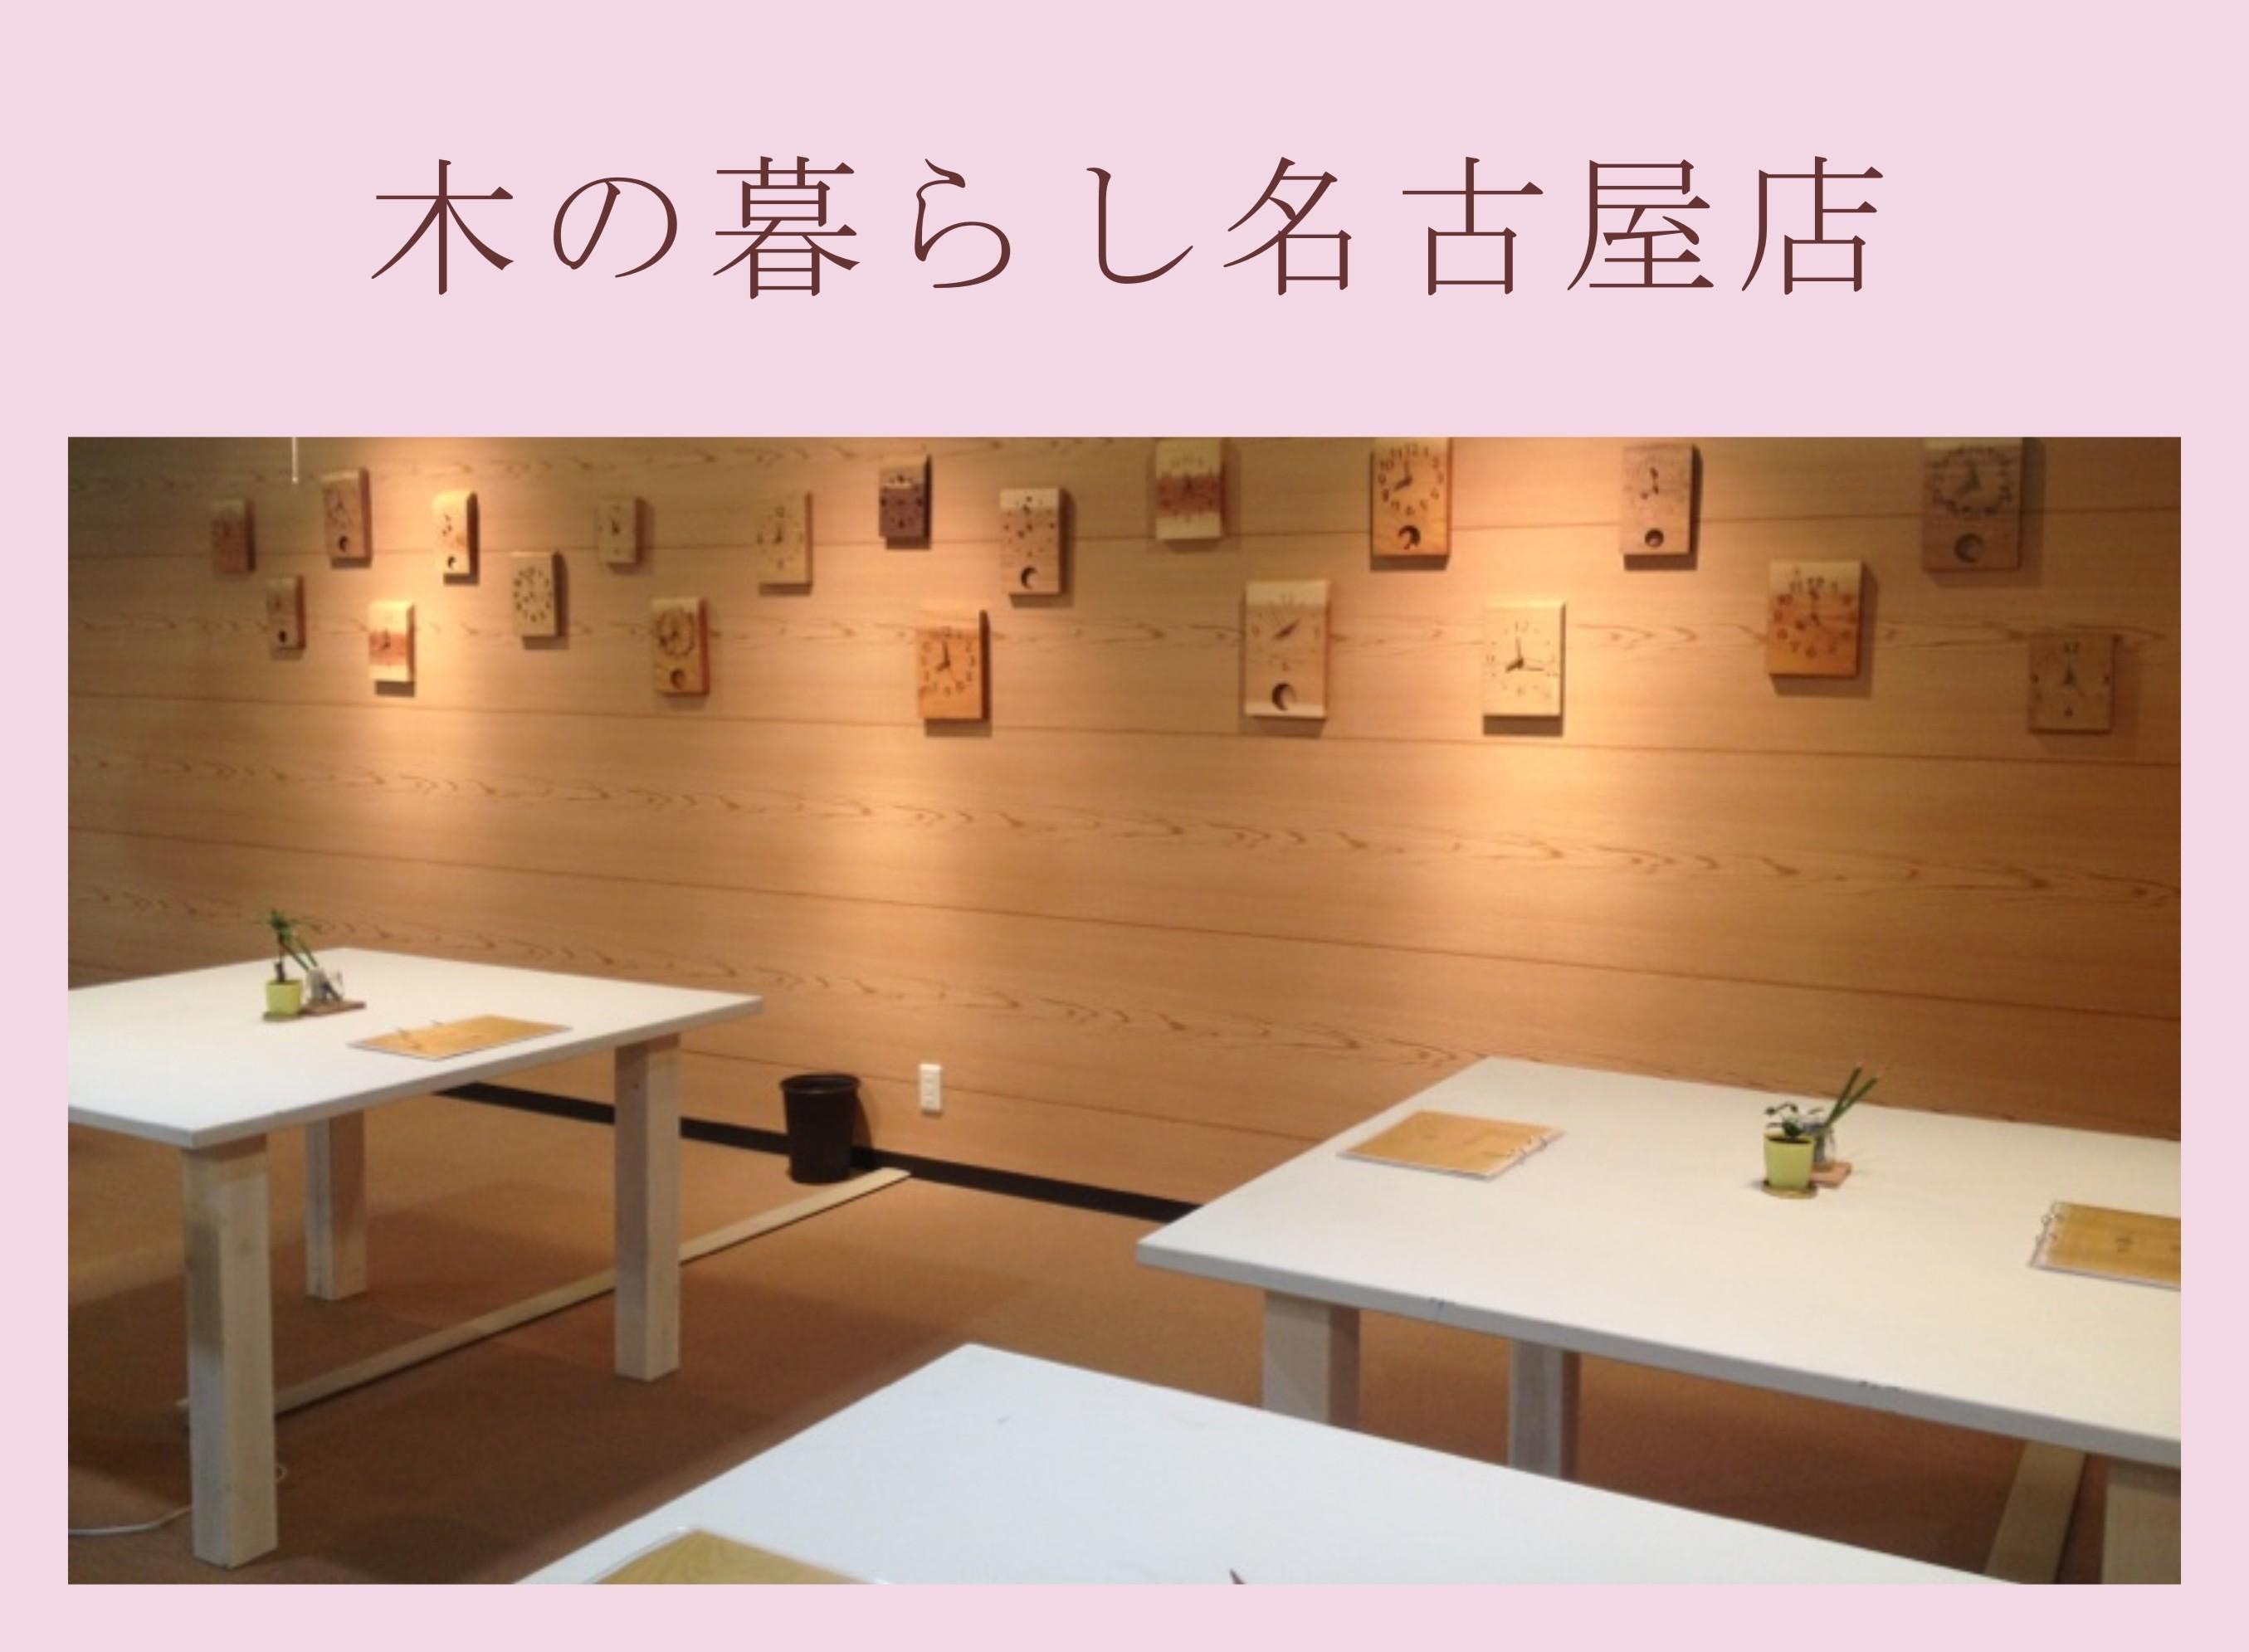 木の暮らし 銀座店 手作り教室